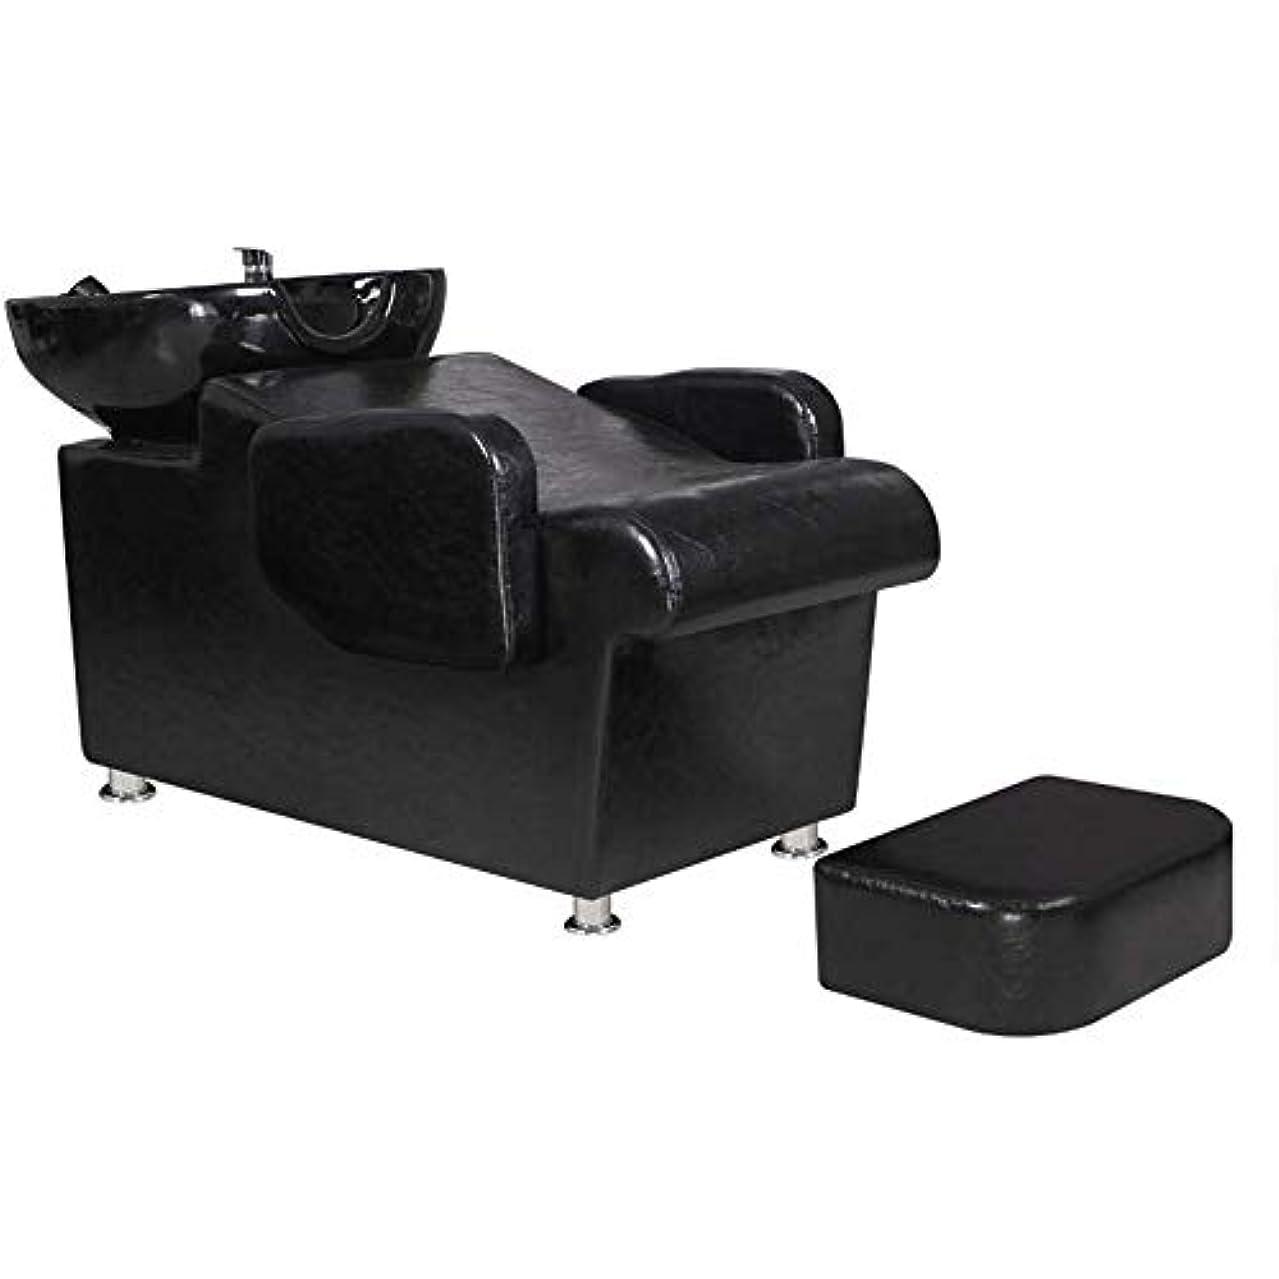 軽レパートリー経験者シャンプーバーバー逆洗椅子、 スパビューティーサロンのシャンプーボウルシンク椅子シャンプーチェア